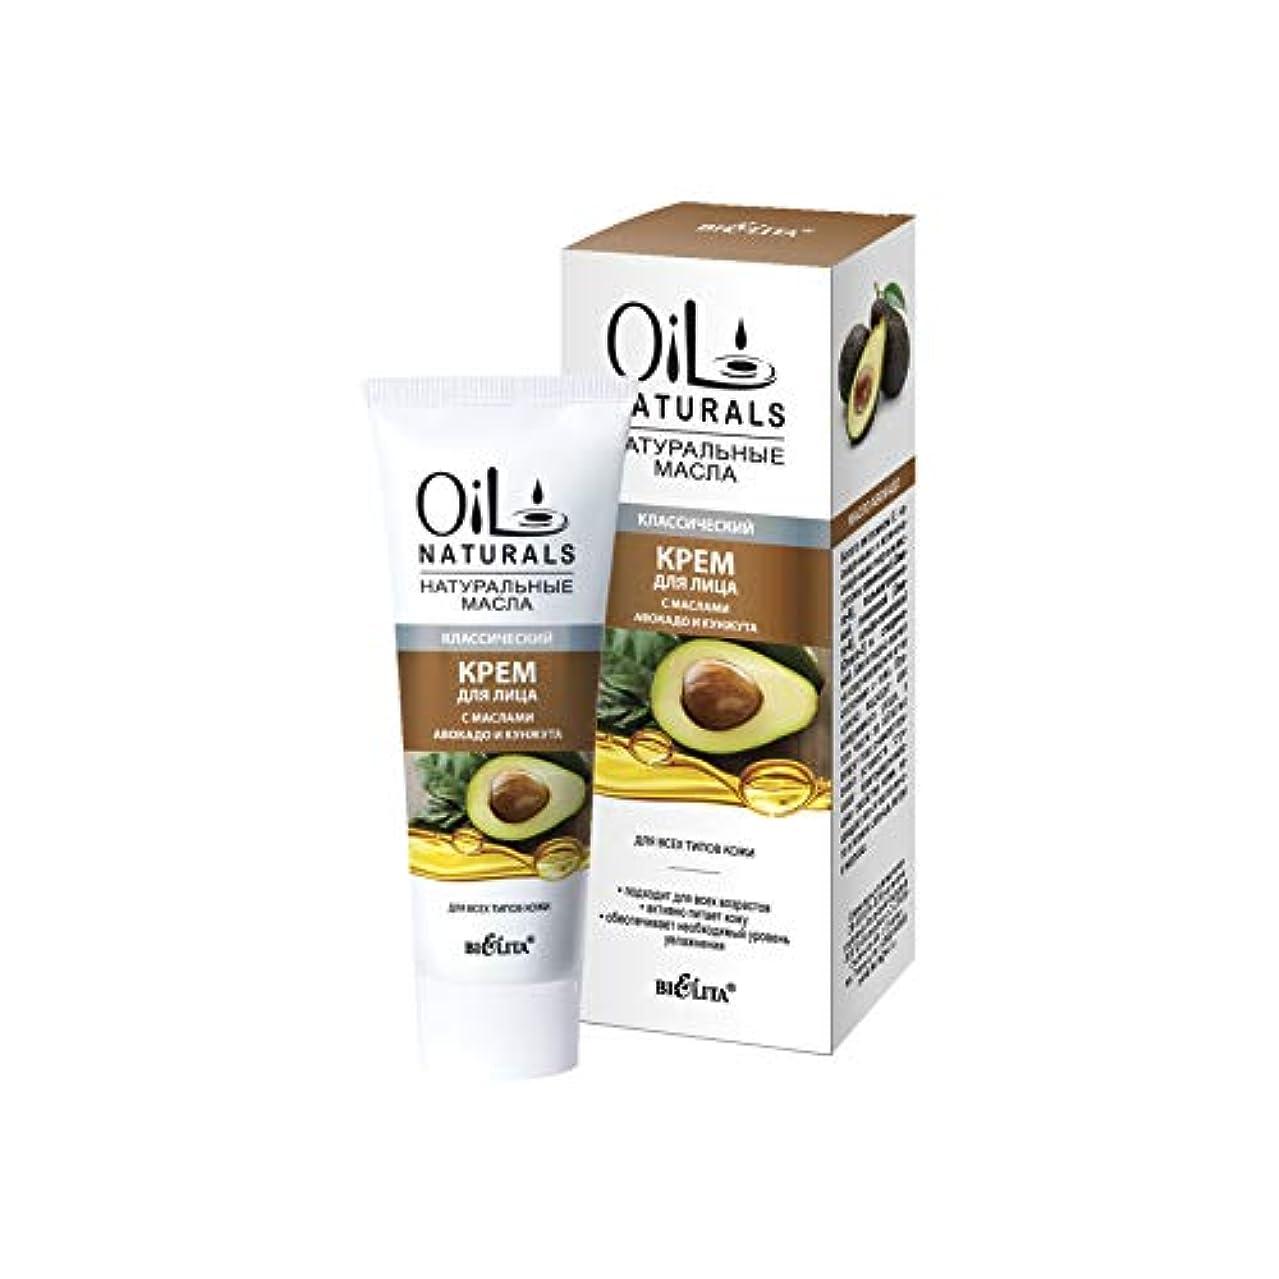 震え人に関する限り証明書Bielita & Vitex |Oil Naturals Line | Classic Moisturizing Face Cream, for All Skin Types, 50 ml | Avocado Oil,...